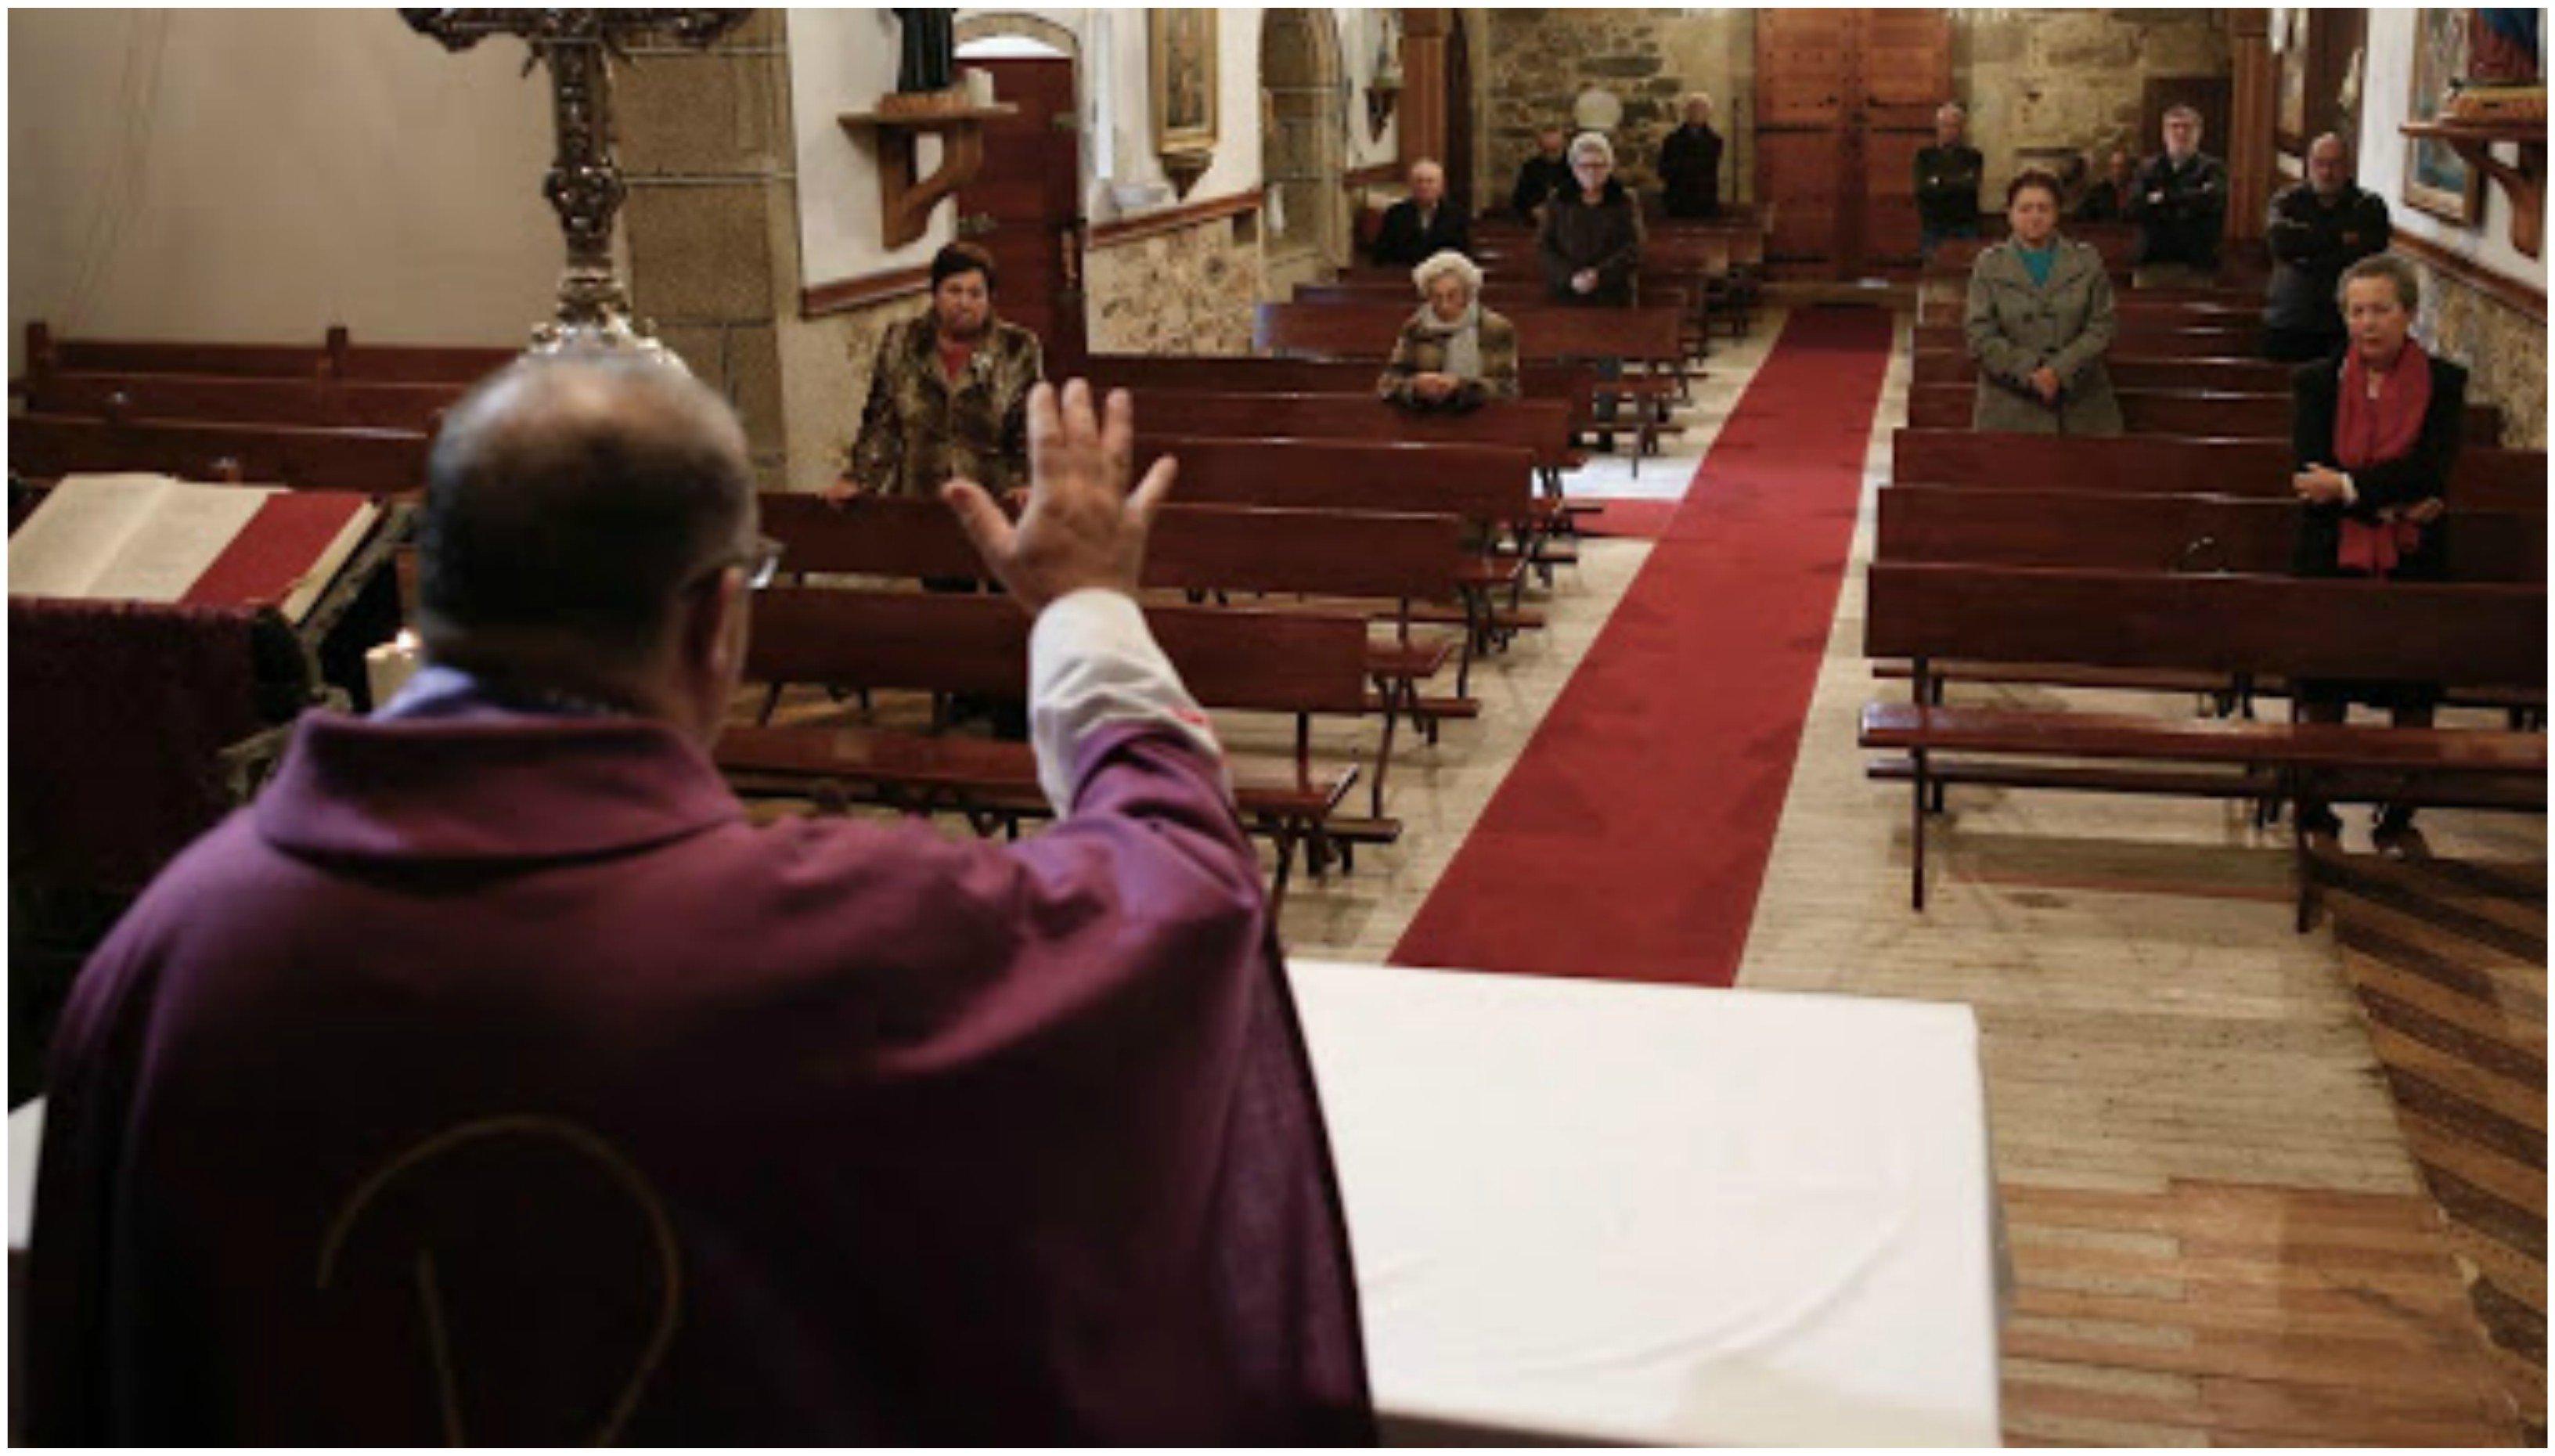 La hipocresía del Gobierno Sánchez al descubierto. Primera sentencia que anula una multa por ir a la iglesia: no está expresamente prohibido